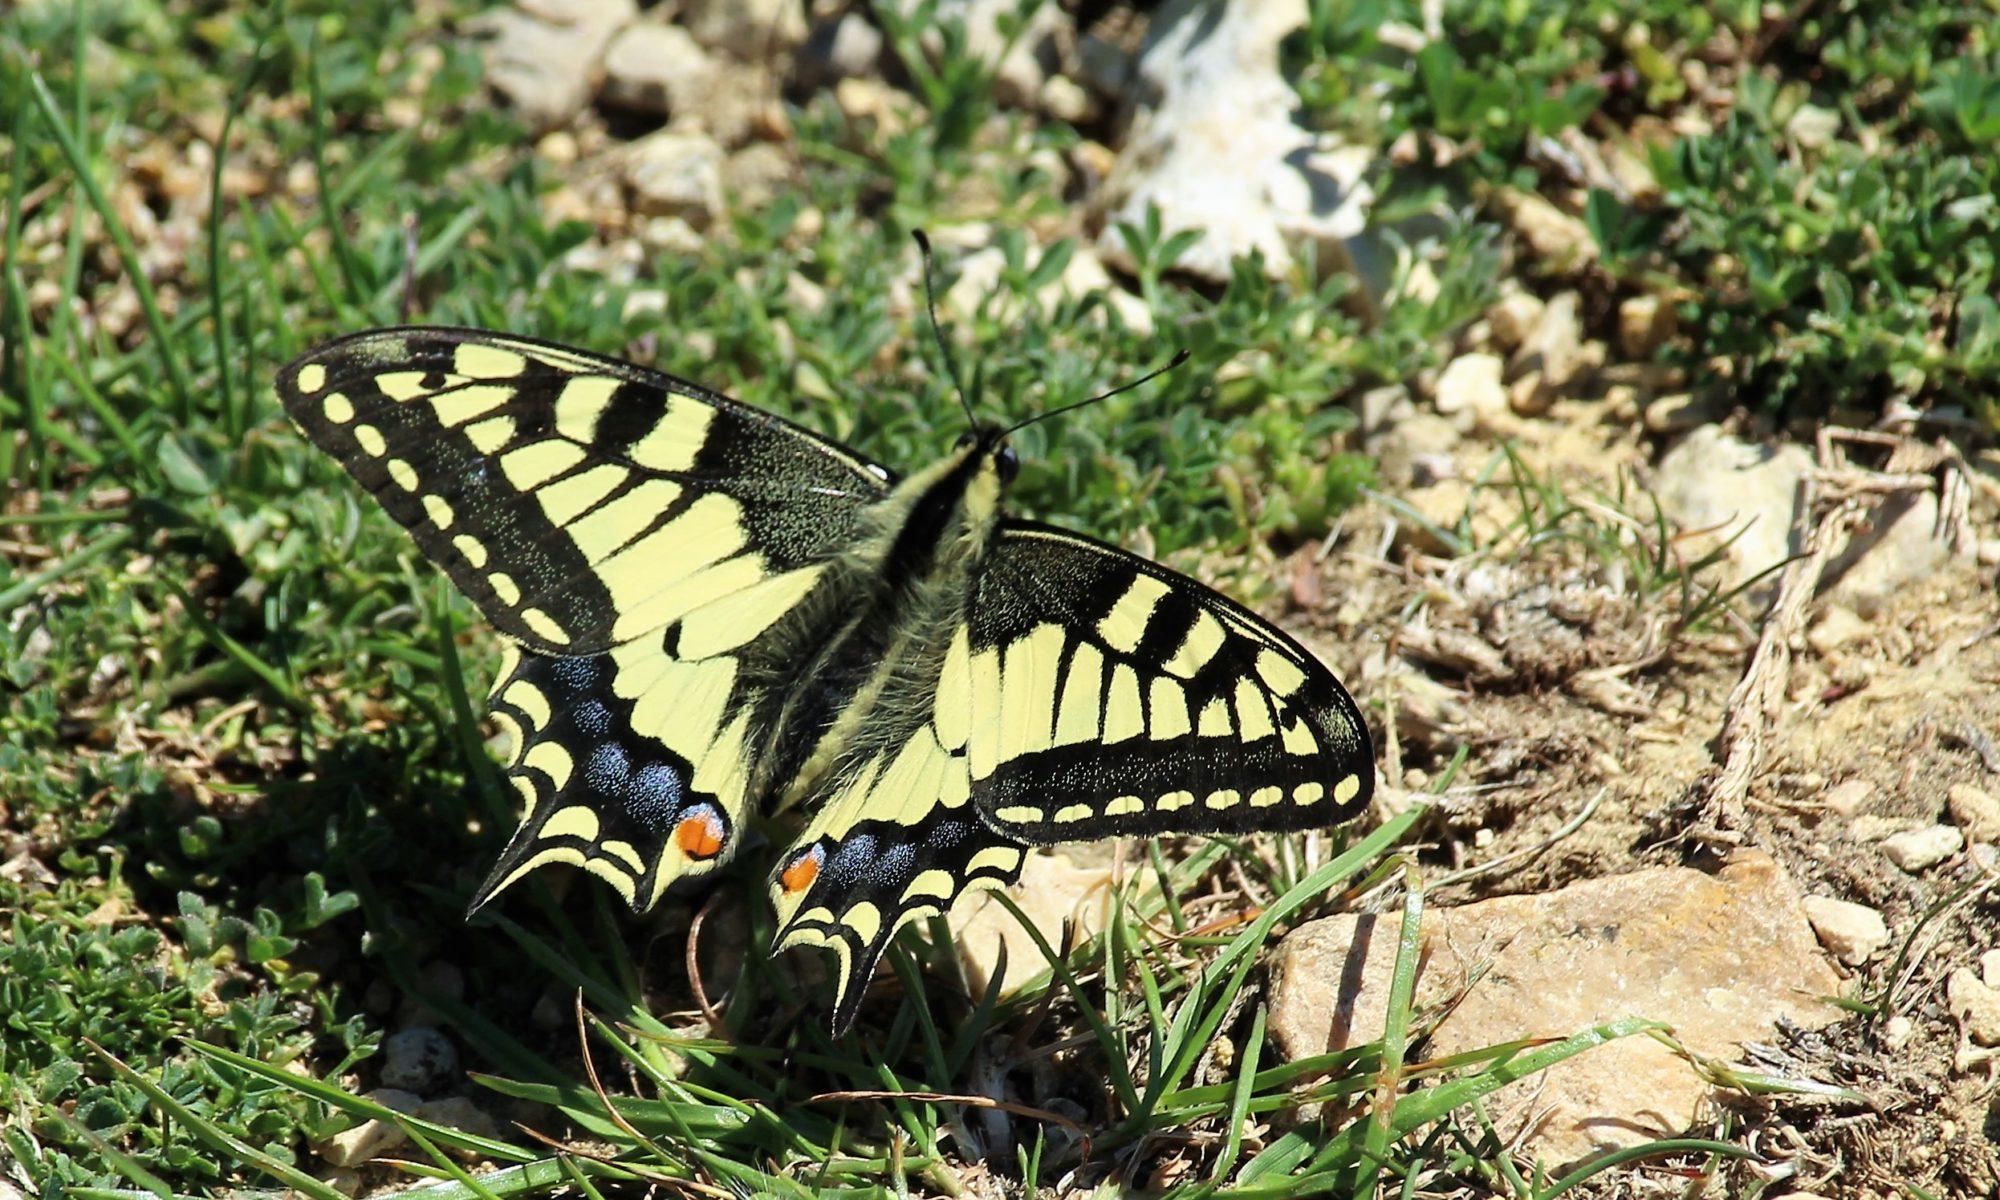 Ein Schmetterlin: ein Schwalbenschwanz. Er hat gelbe Flügel mit schwarzen Mustern.